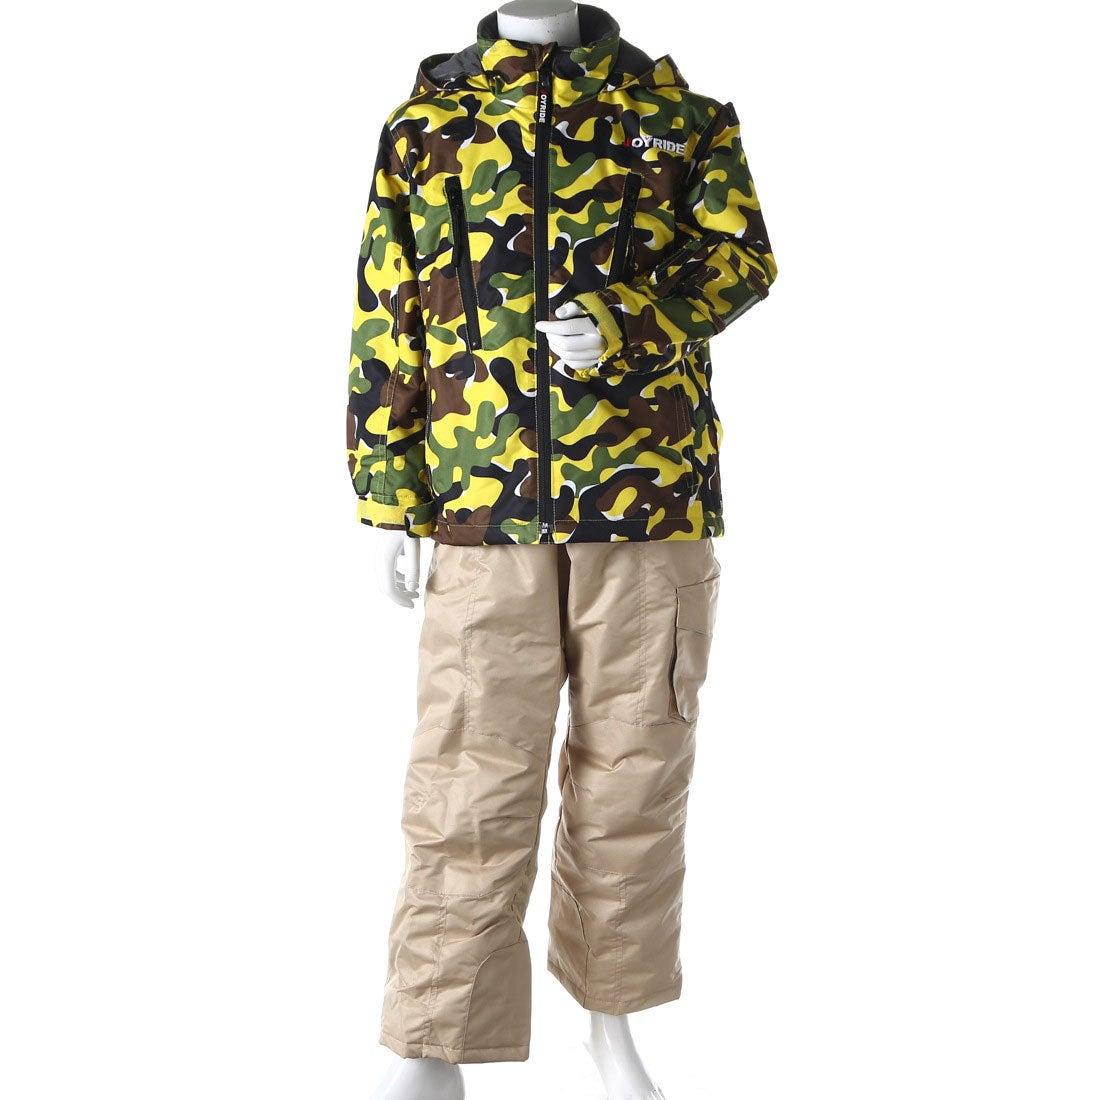 ロコンド 靴とファッションの通販サイトジョイライドJOYRIDEジュニアスキーウェア上下セットボーイズスキーウェアーJOB-3316